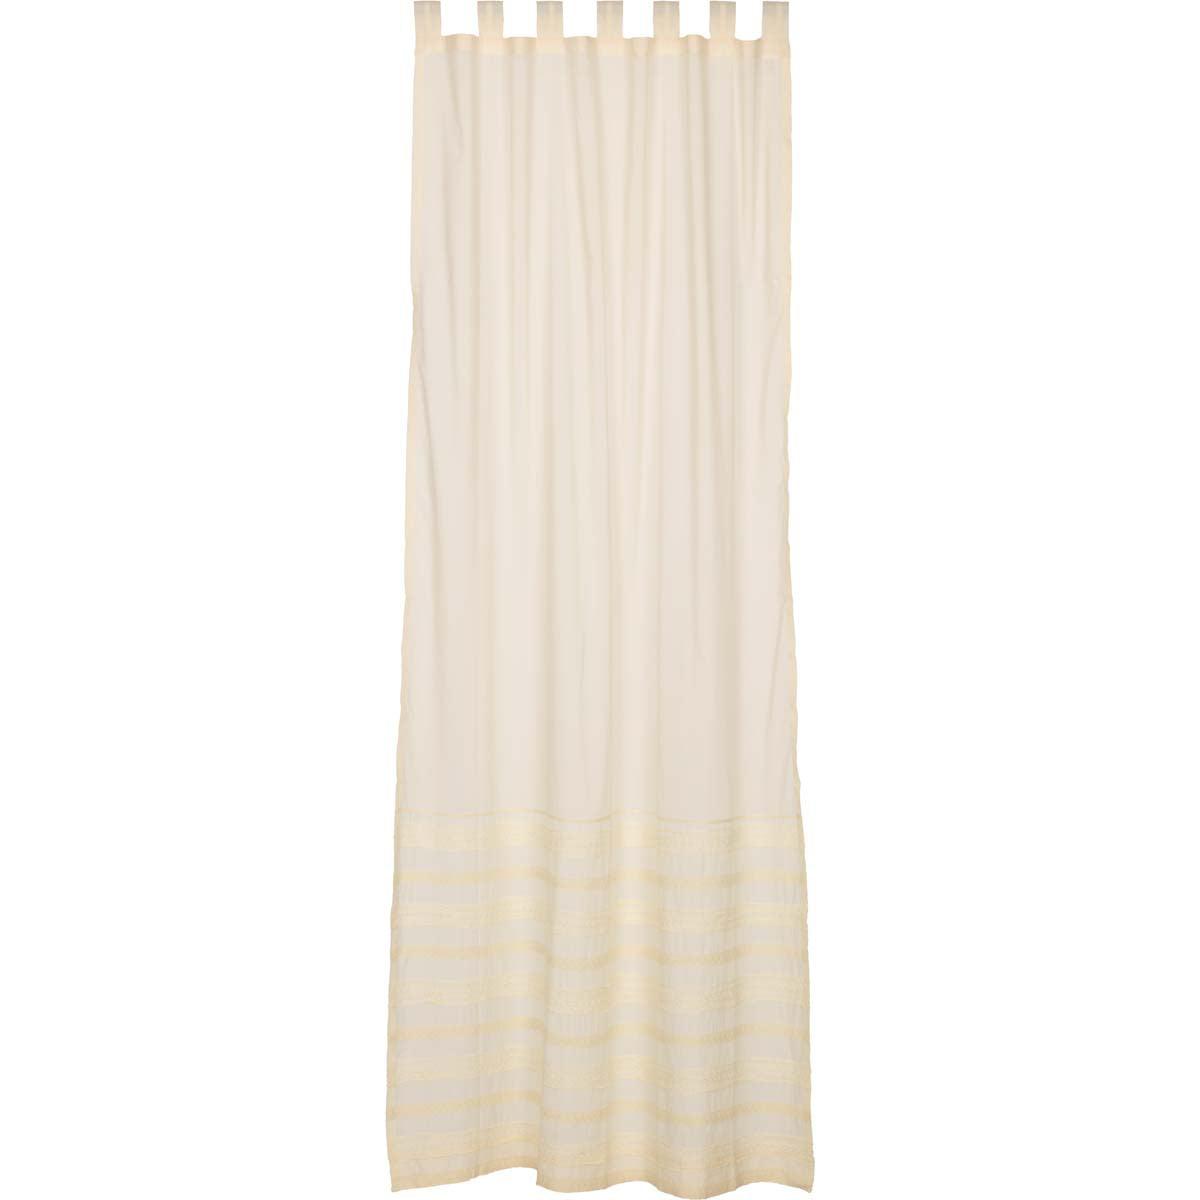 Creme White Farmhouse Curtains Jasmine Tab Top Cotton Tie